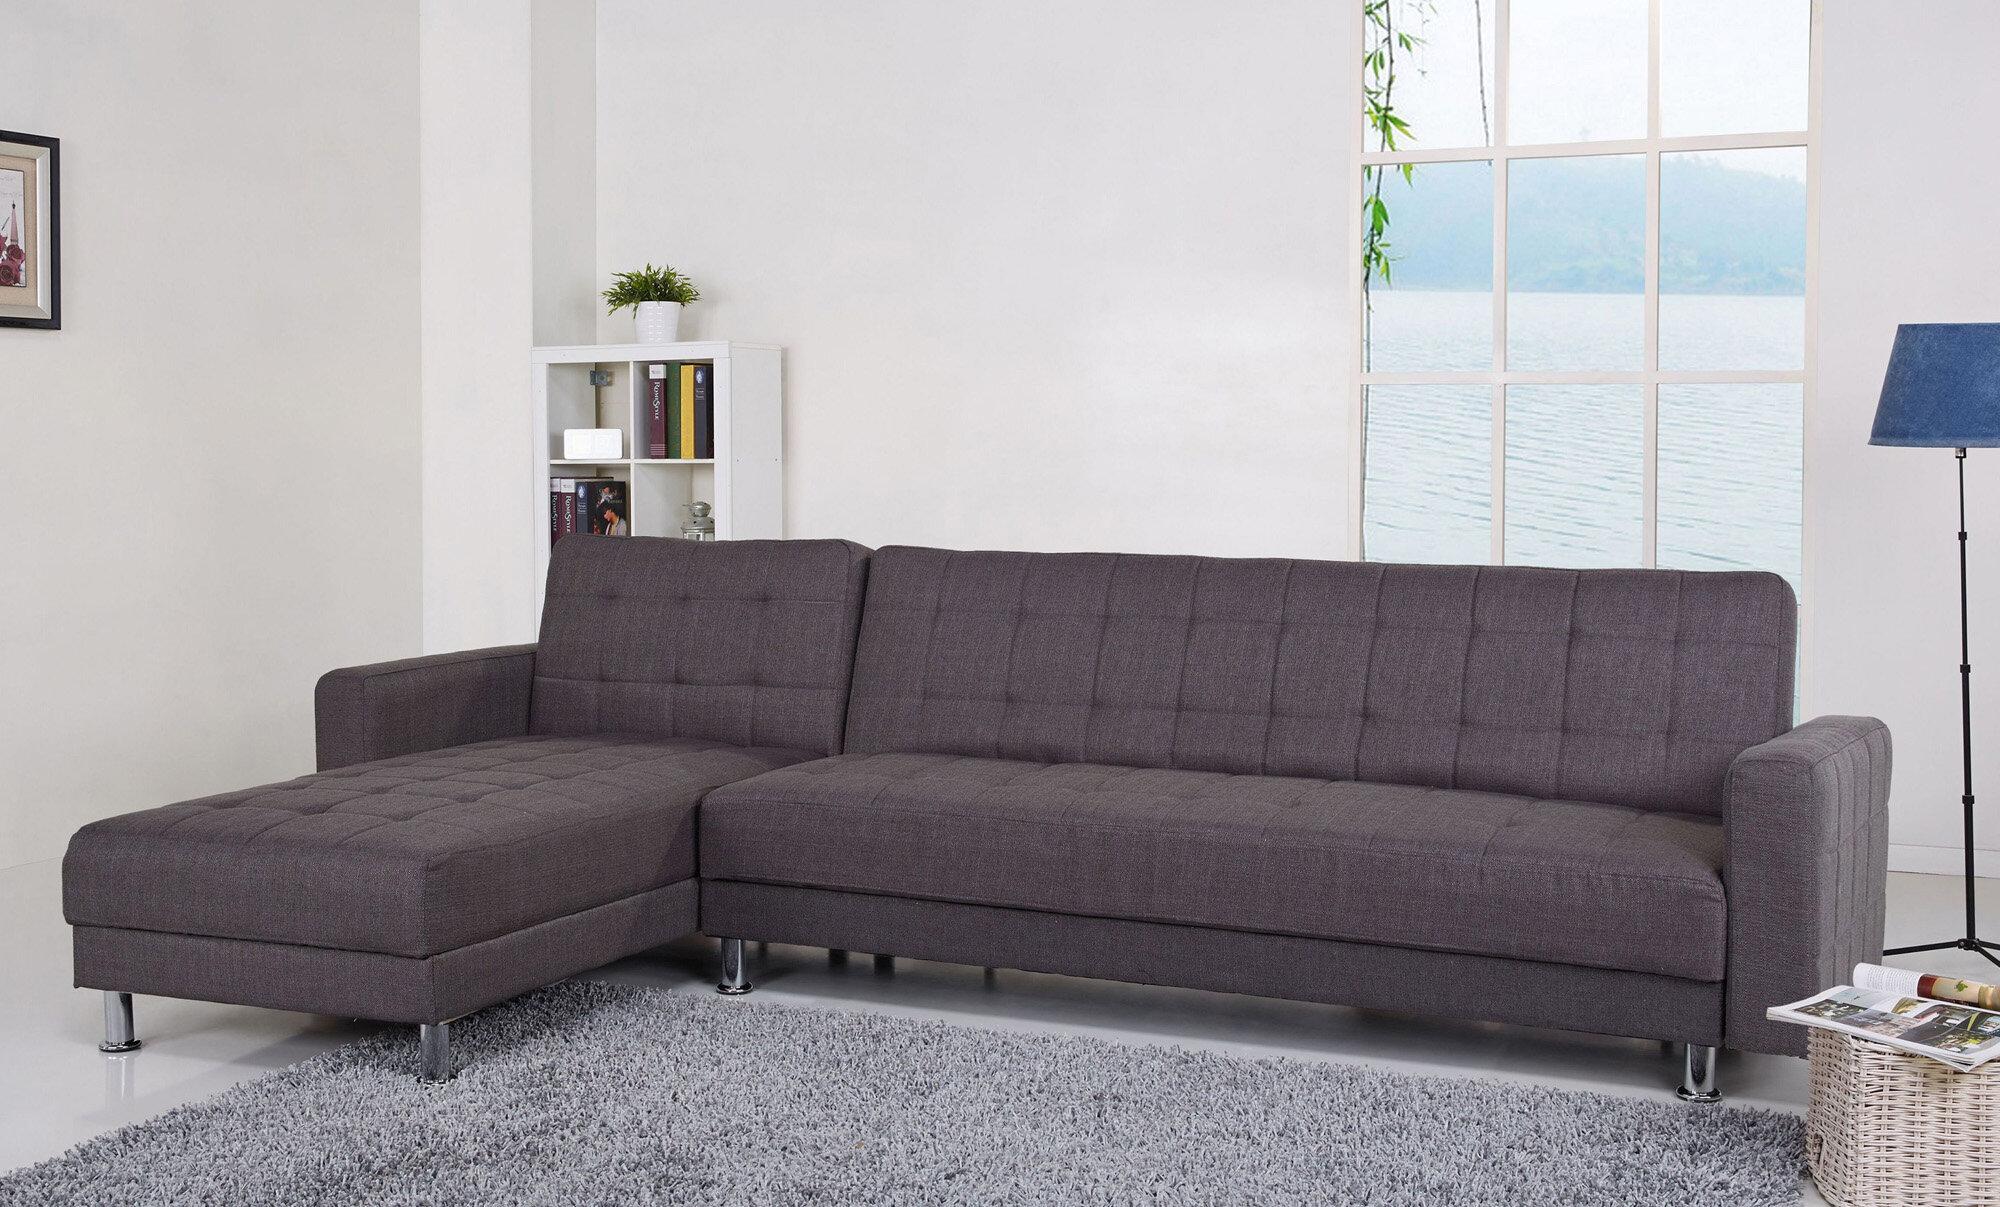 Excellent Rosina Reversible Sleeper Sectional Inzonedesignstudio Interior Chair Design Inzonedesignstudiocom